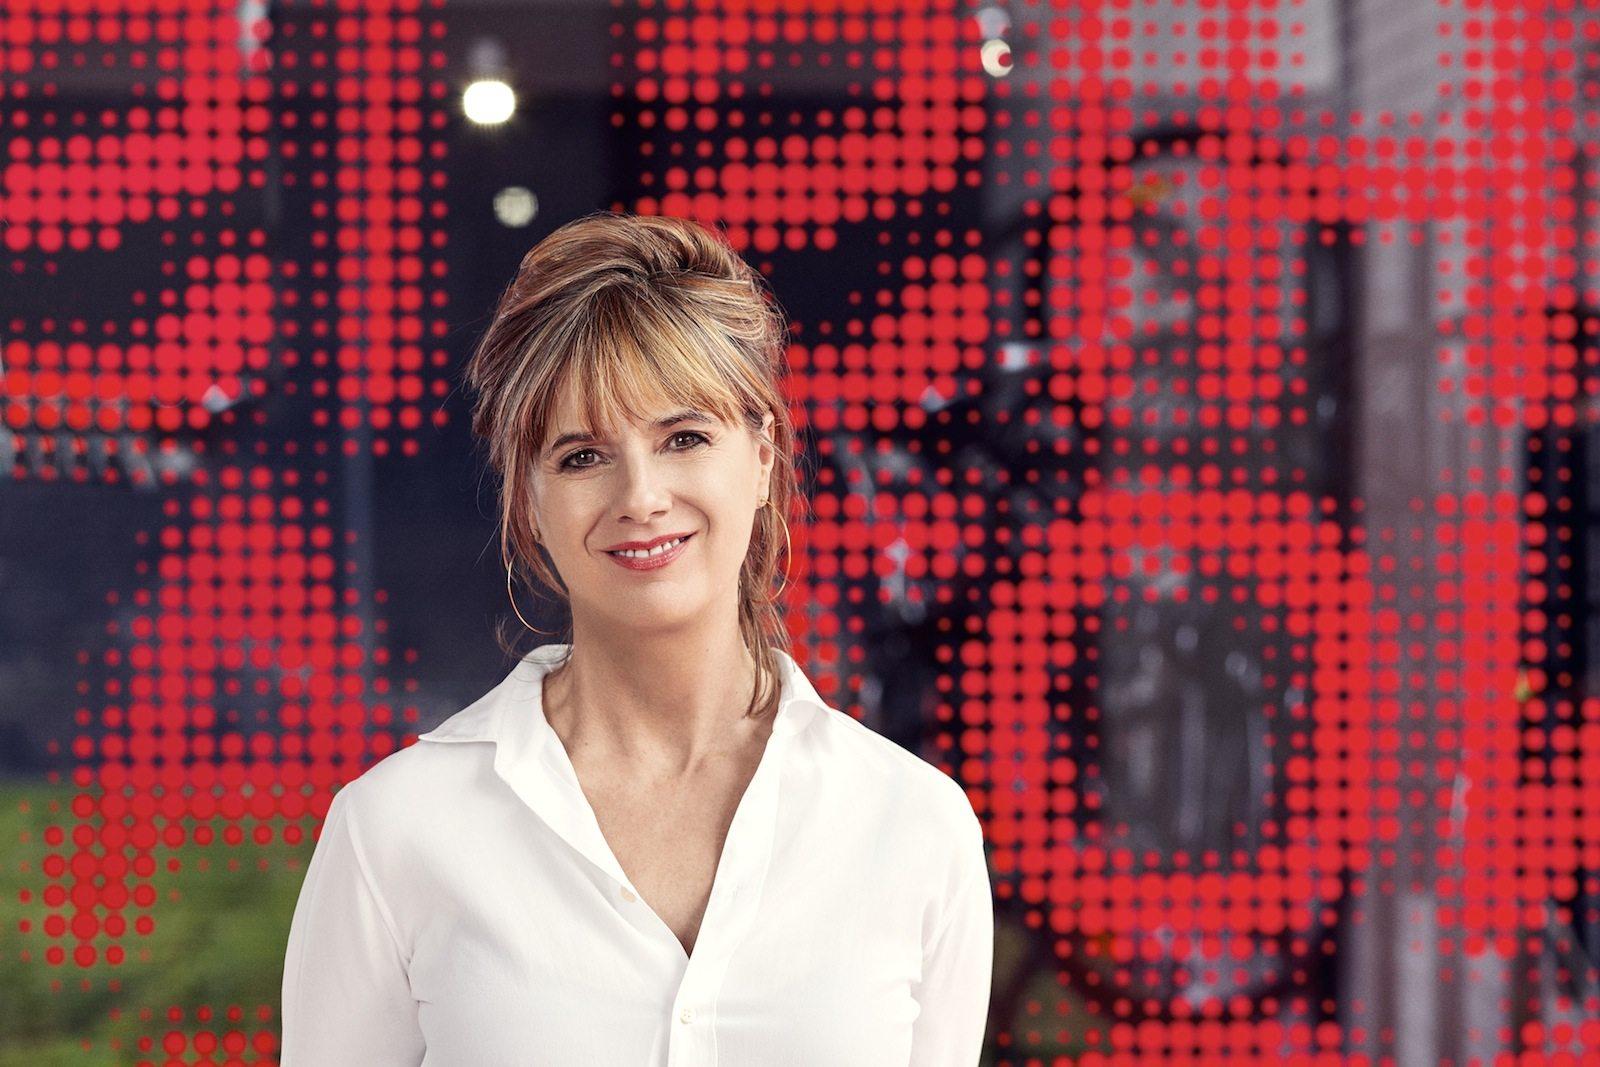 Amanda Levete.  Die Architektin wurde 1955 in Bridgend, Wales, Großbritannien, geboren. Sie studierte an der Londoner Architectural Association School of Architecture und arbeitete nach ihrem Abschluss bei Architekten wie Alsop & Lyall und YRM Associates. 1989–2008 war sie Partnerin in dem von ihrem späteren Ehemann Jan Kaplický gegründeten Architekturbüro Future Systems. 2009 gründete sie ihre eigene Firma AL_A.